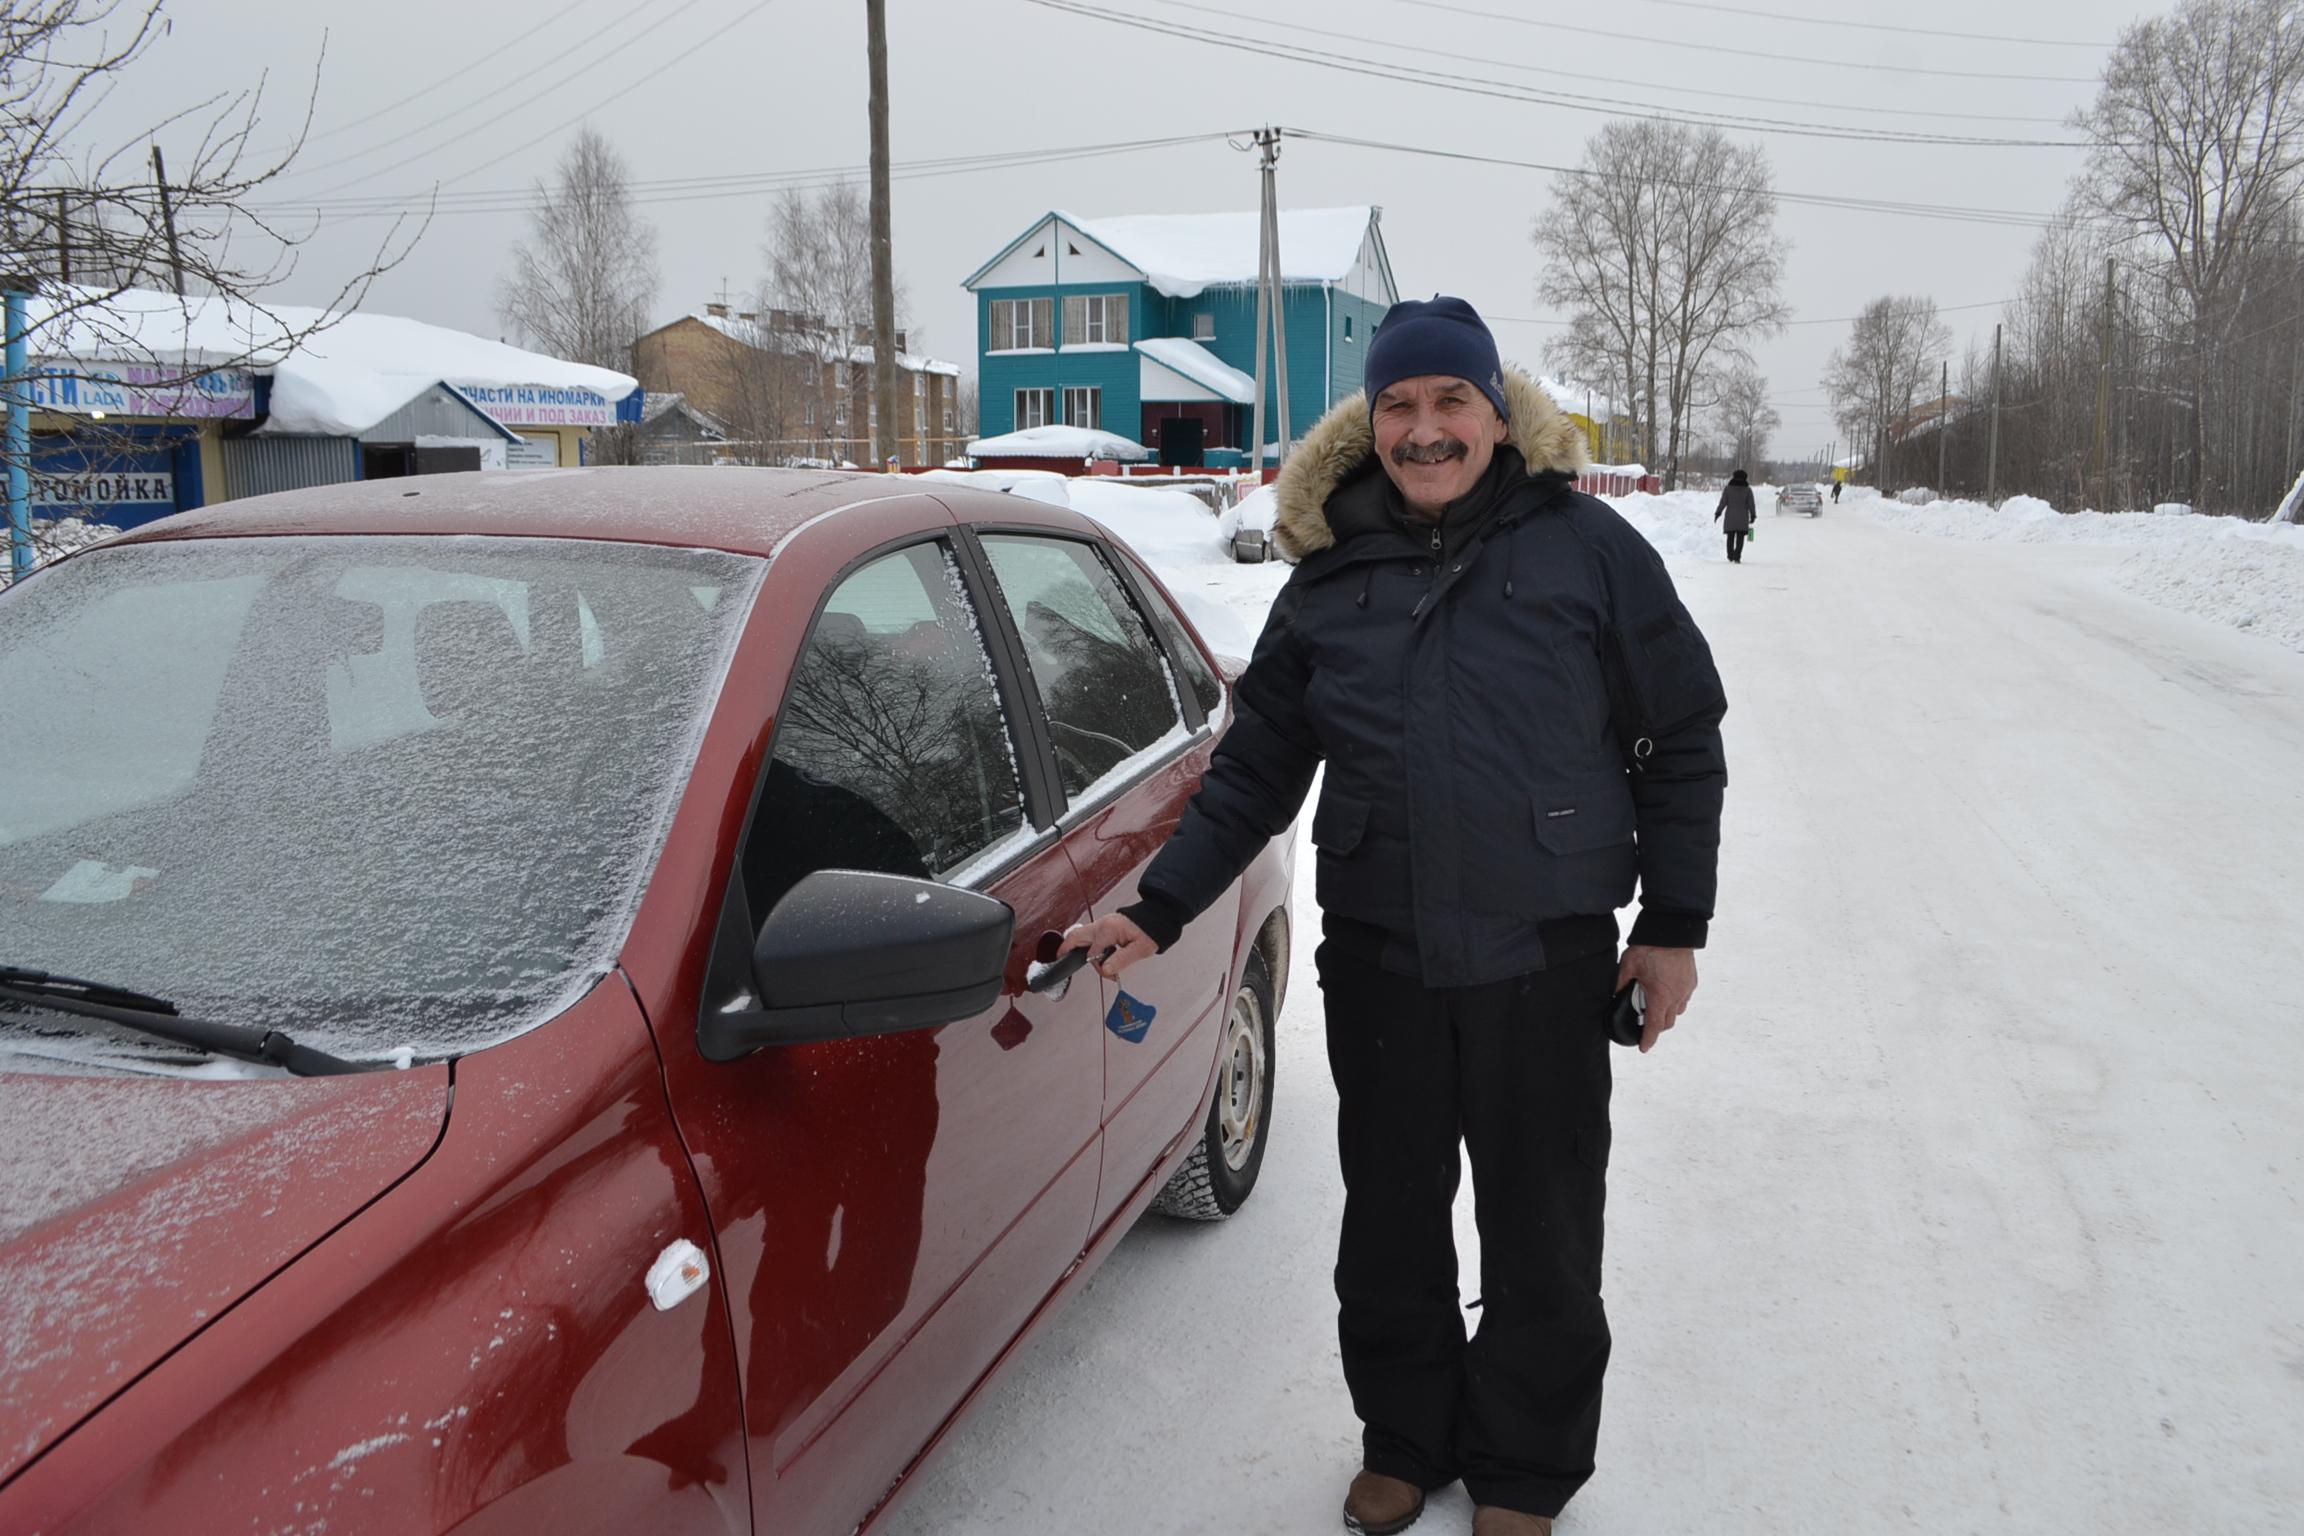 Евгений БРЕЗГИН - известный спортсмен, тренер, руководи- тель в спортивных кругах нашего района.